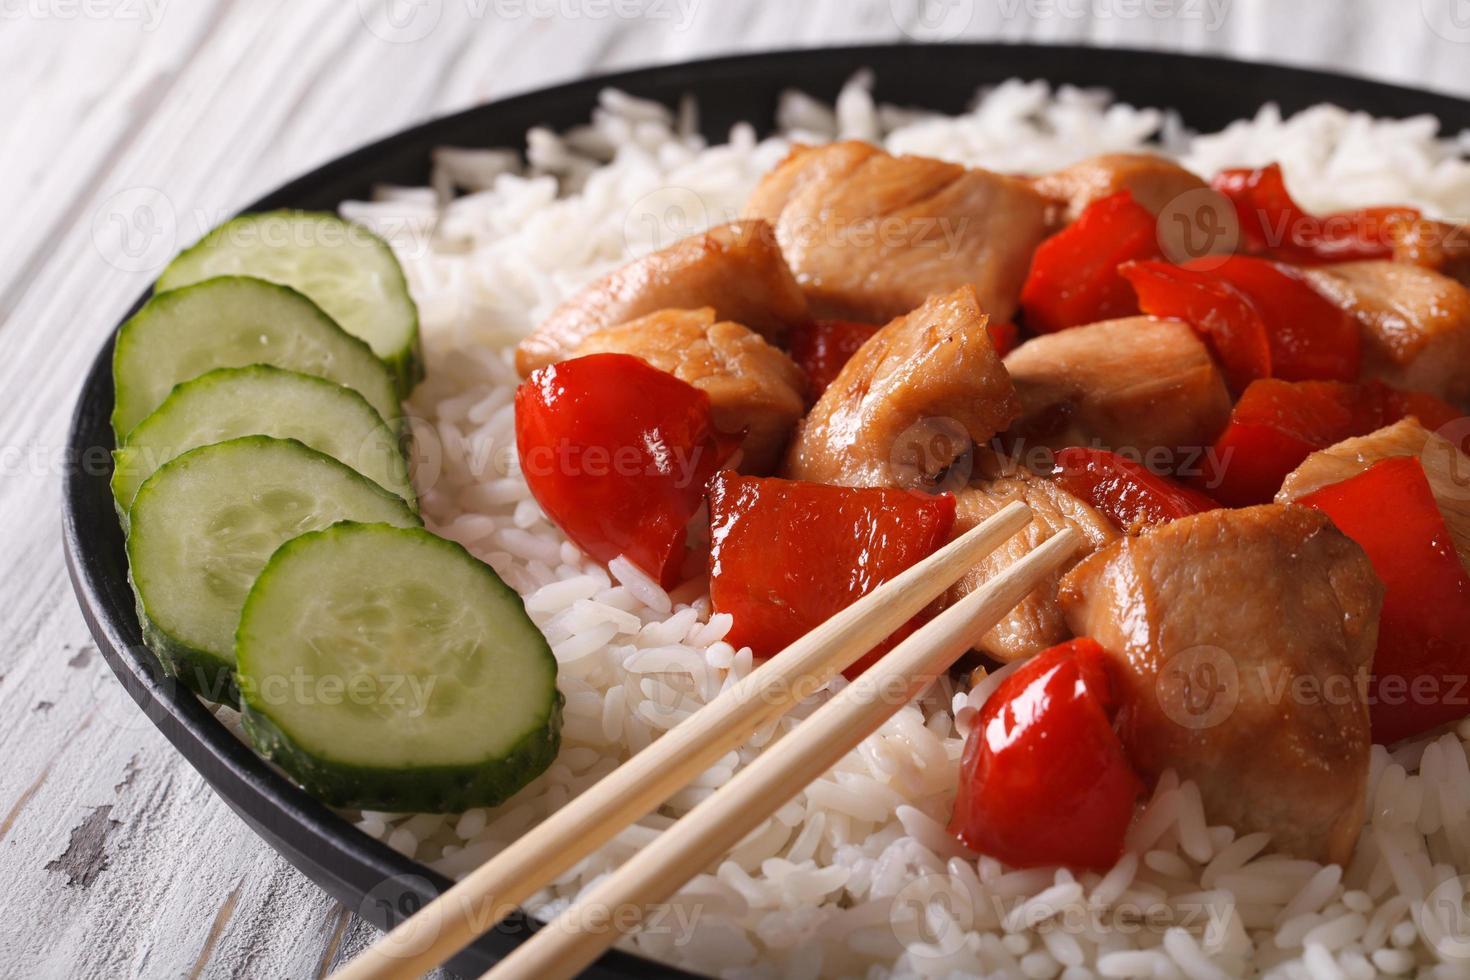 rijst met kip en groenten close-up. horizontaal foto